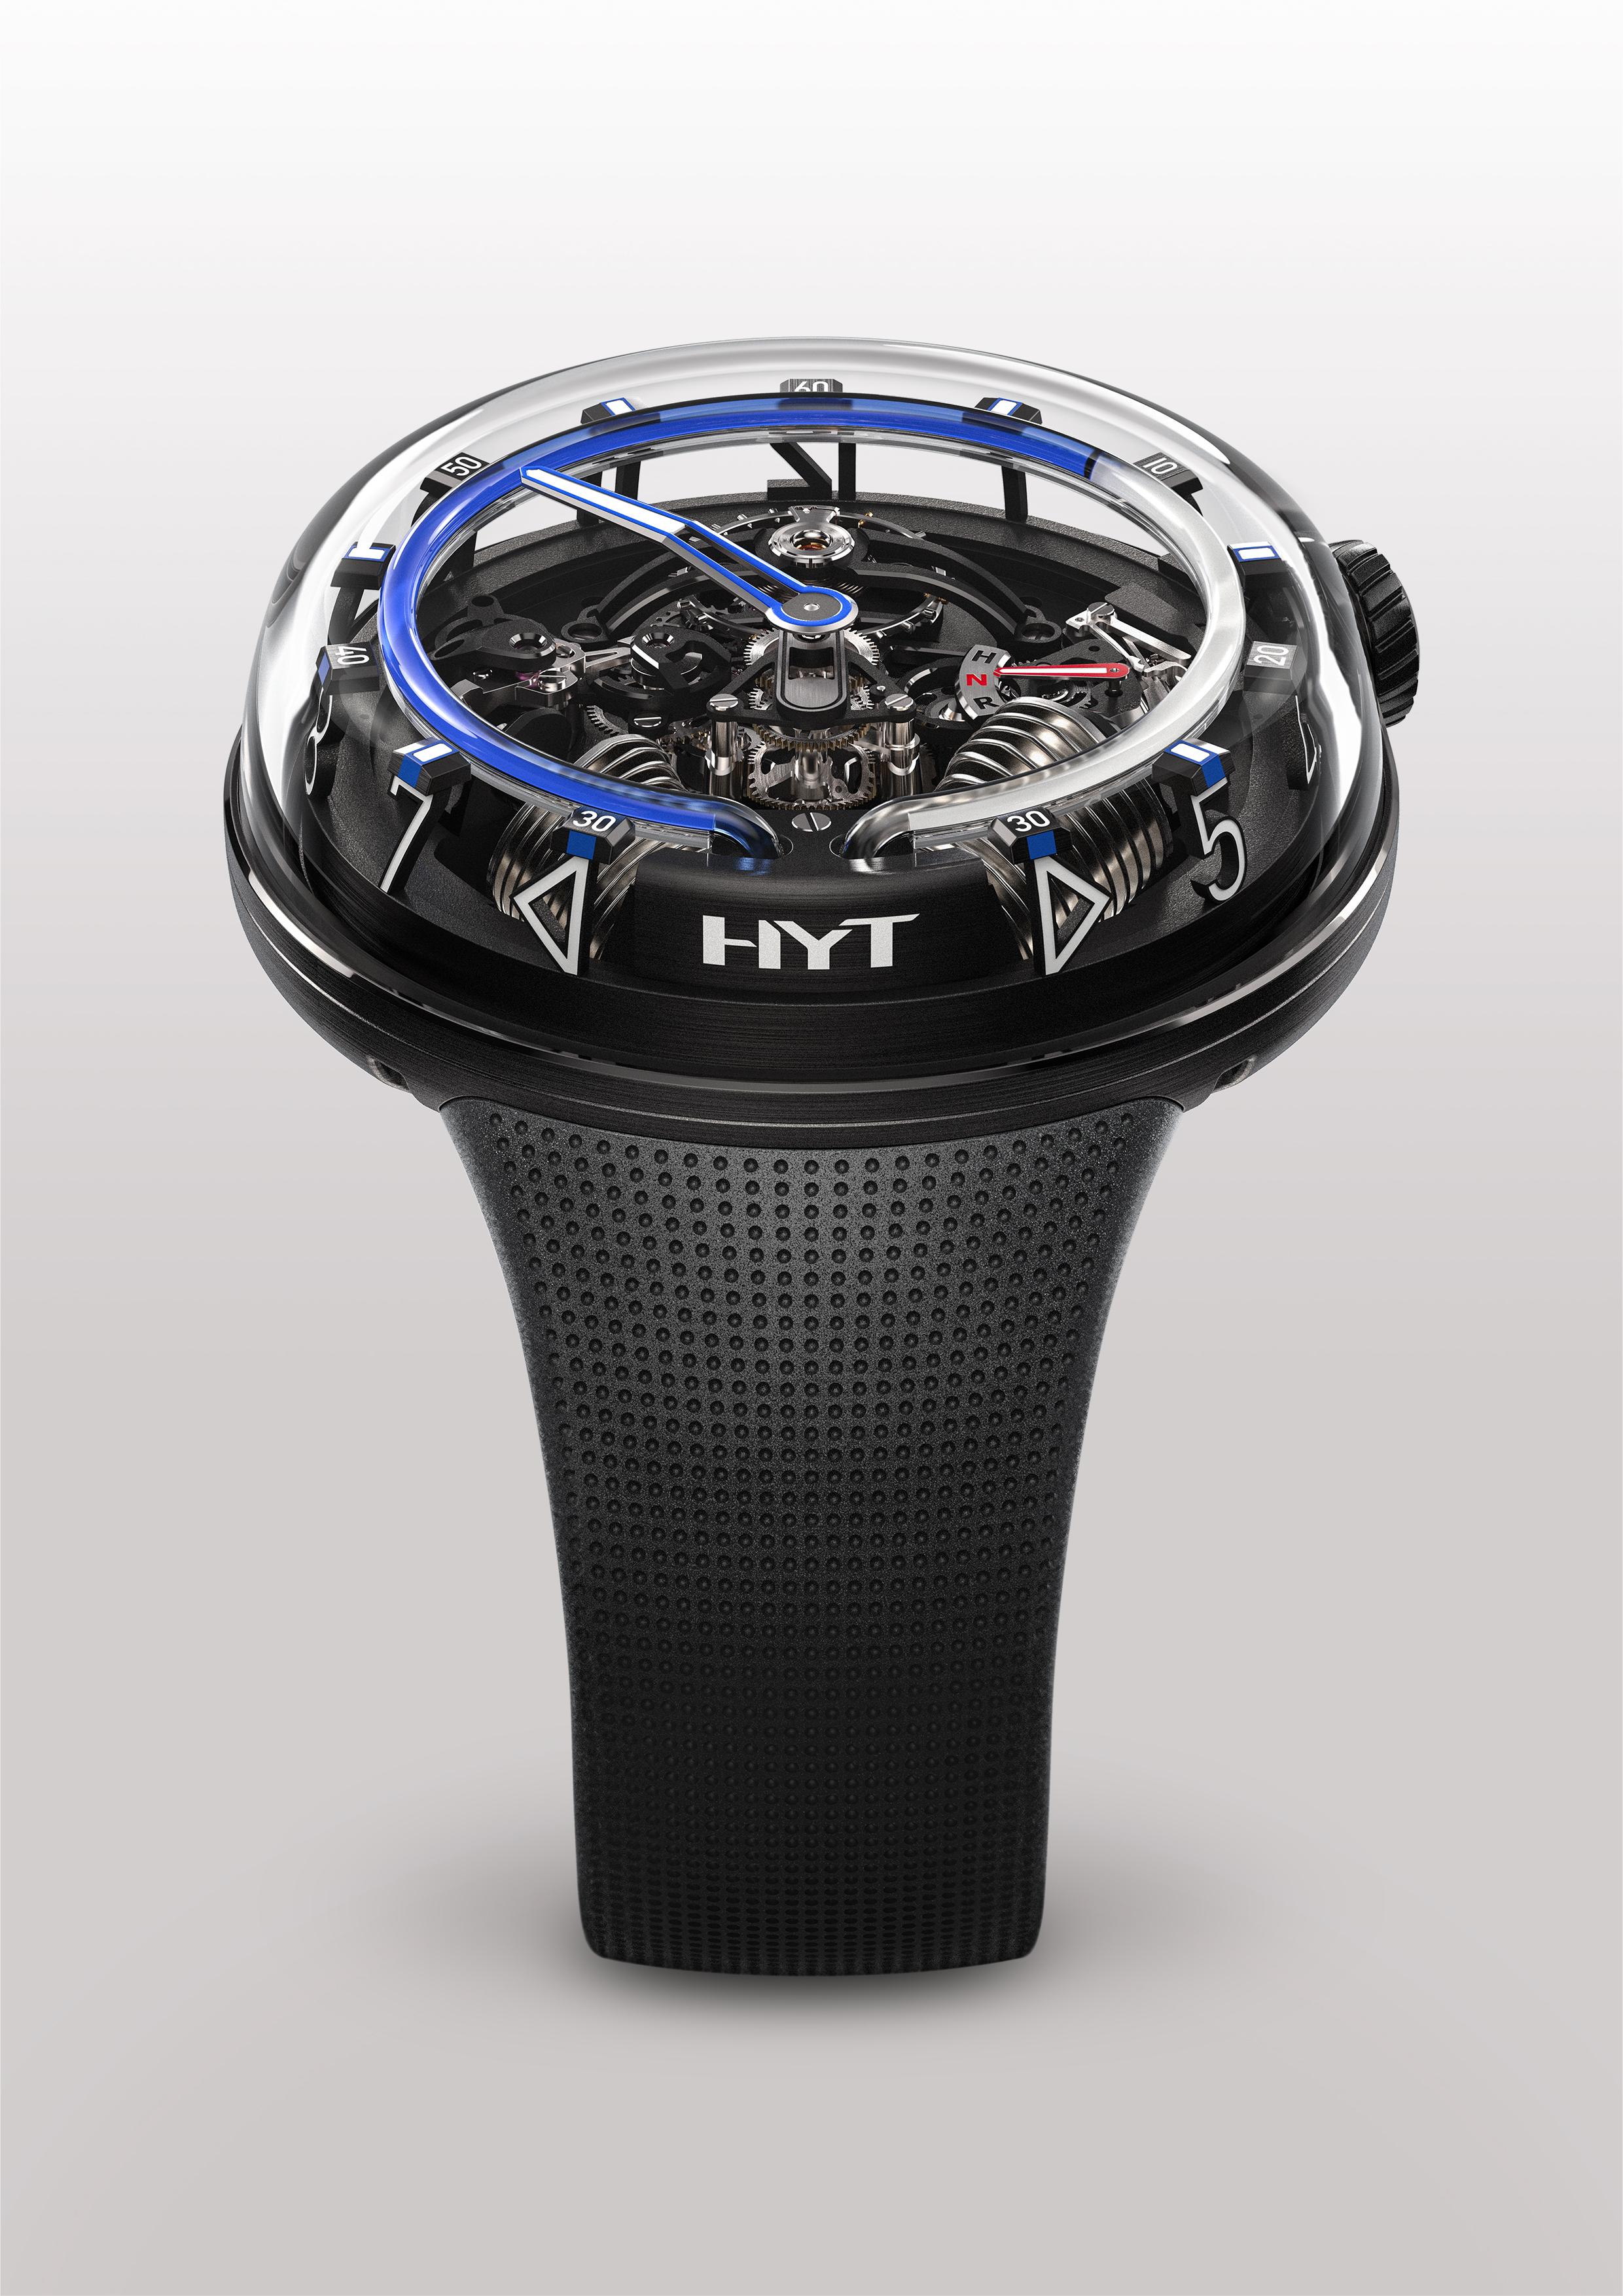 HYT-H2.0-Blue-FrontView-300dpi.jpg